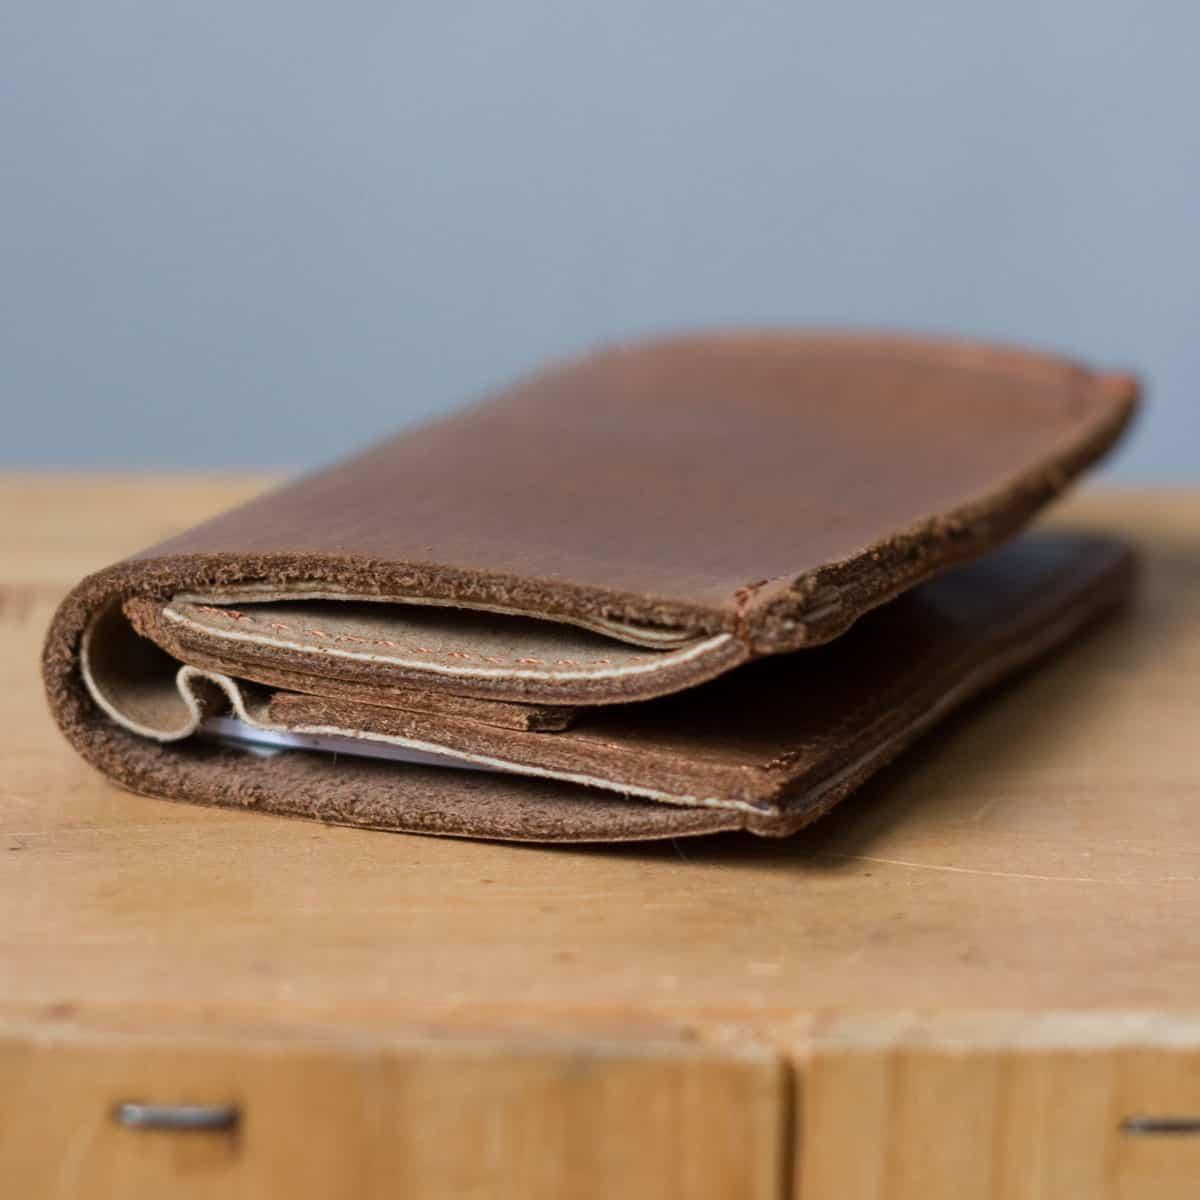 maly-portfel-meski-skora00b